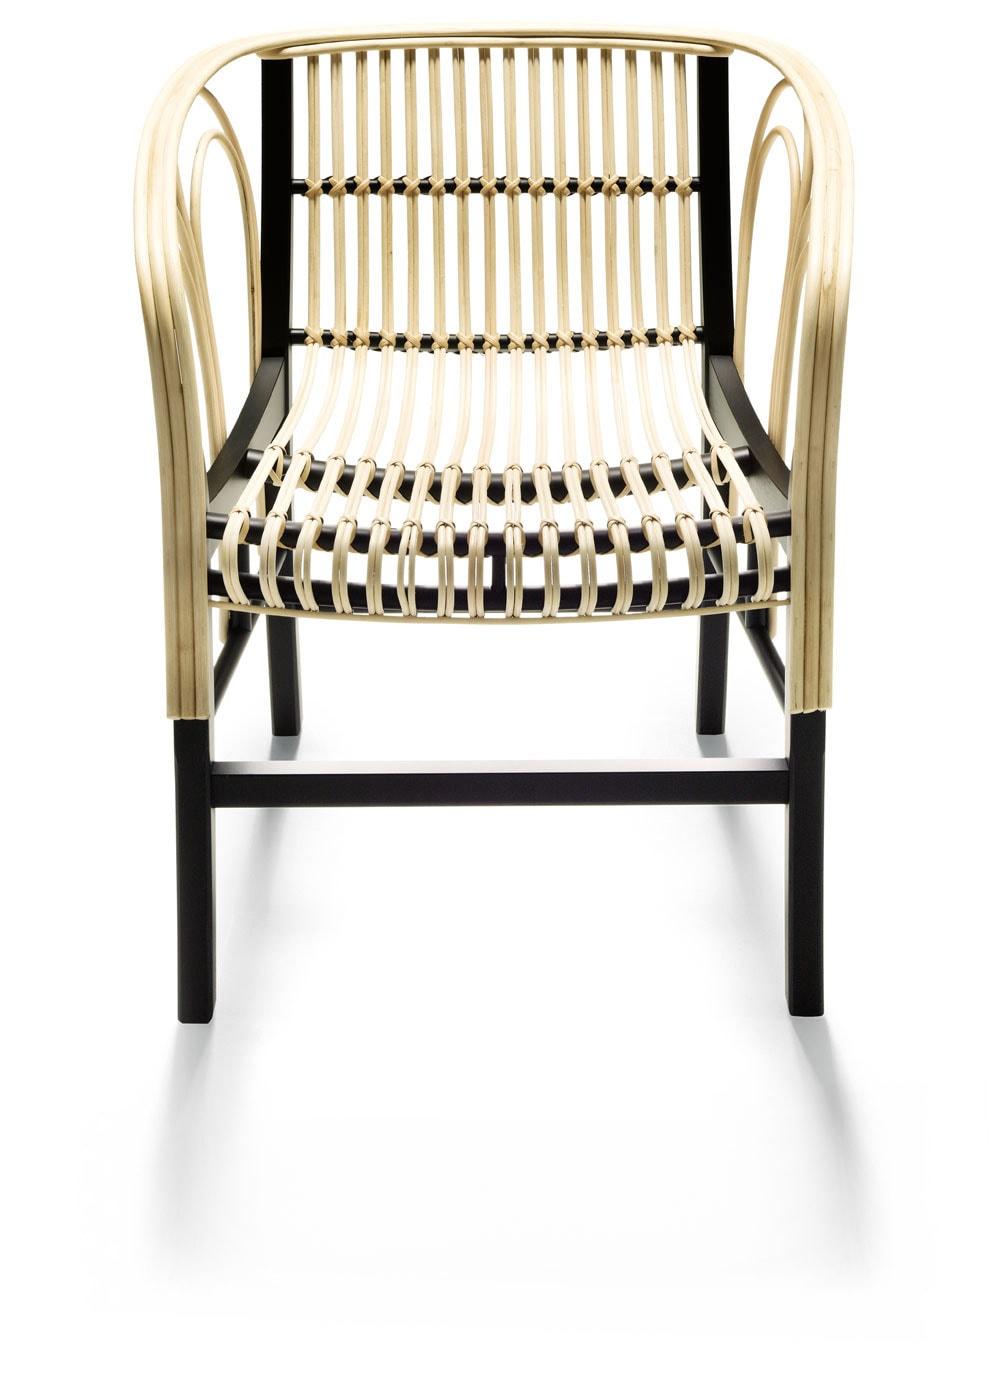 20170210-6191-depadova-sedie-uragano-intro.jpg